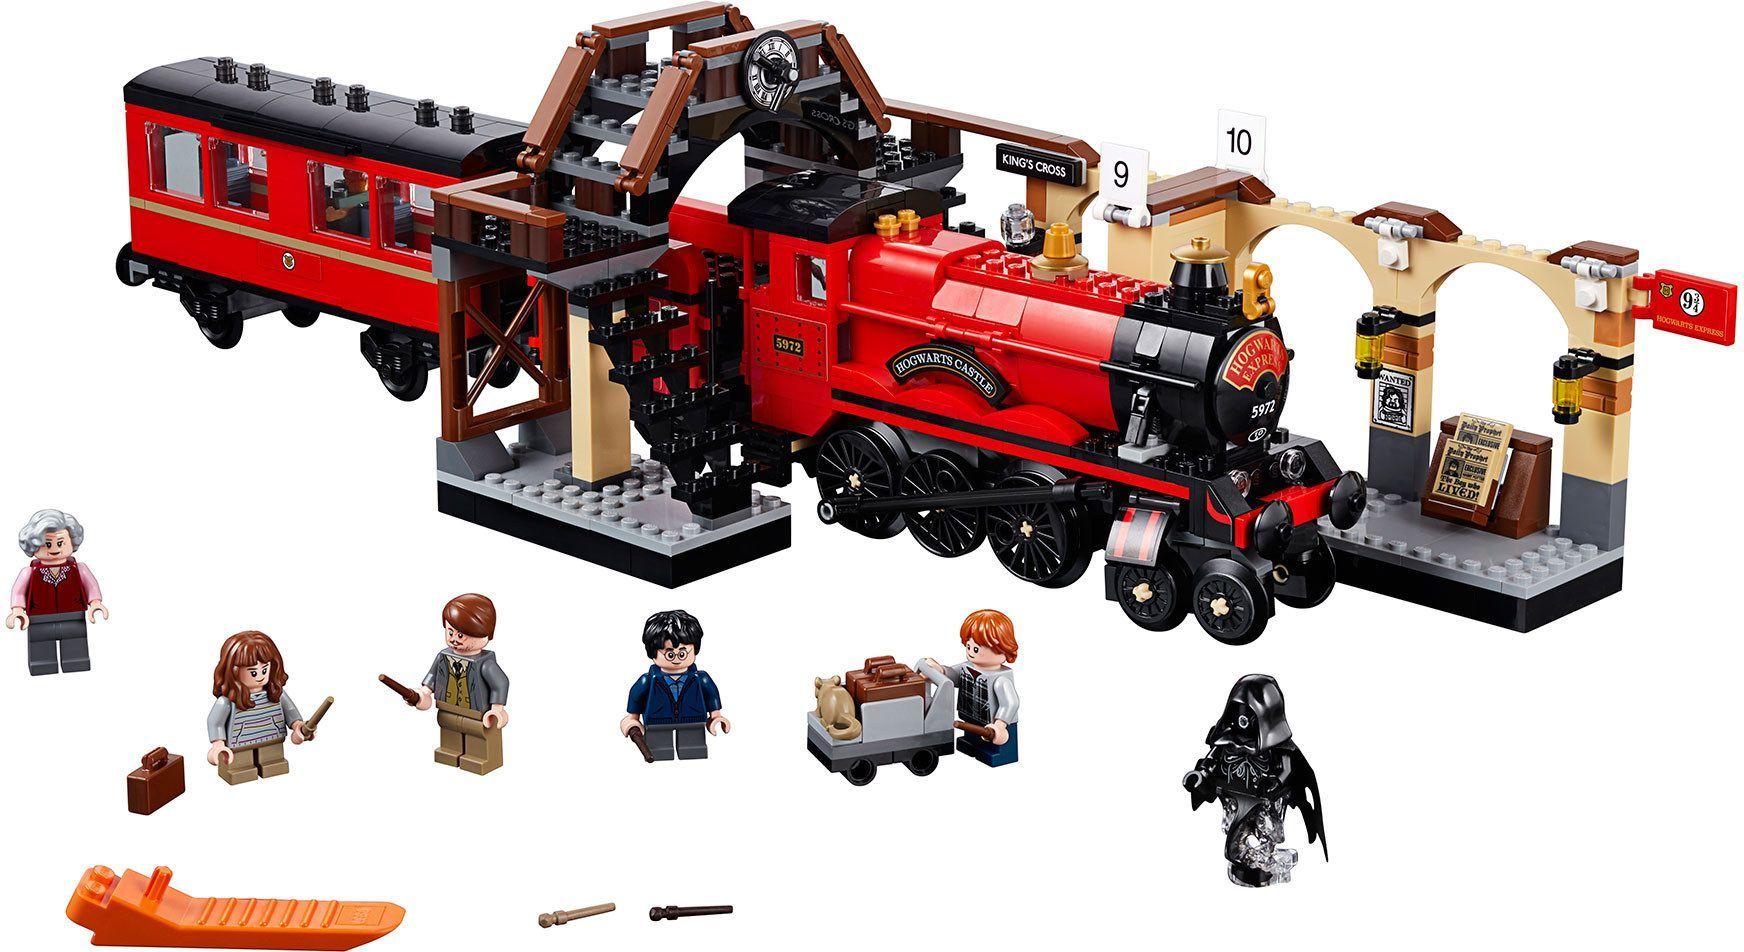 Lego Harry Potter Hogwarts Express 75955 Lego Hogwarts Harry Potter Lego Sets Hogwarts Express